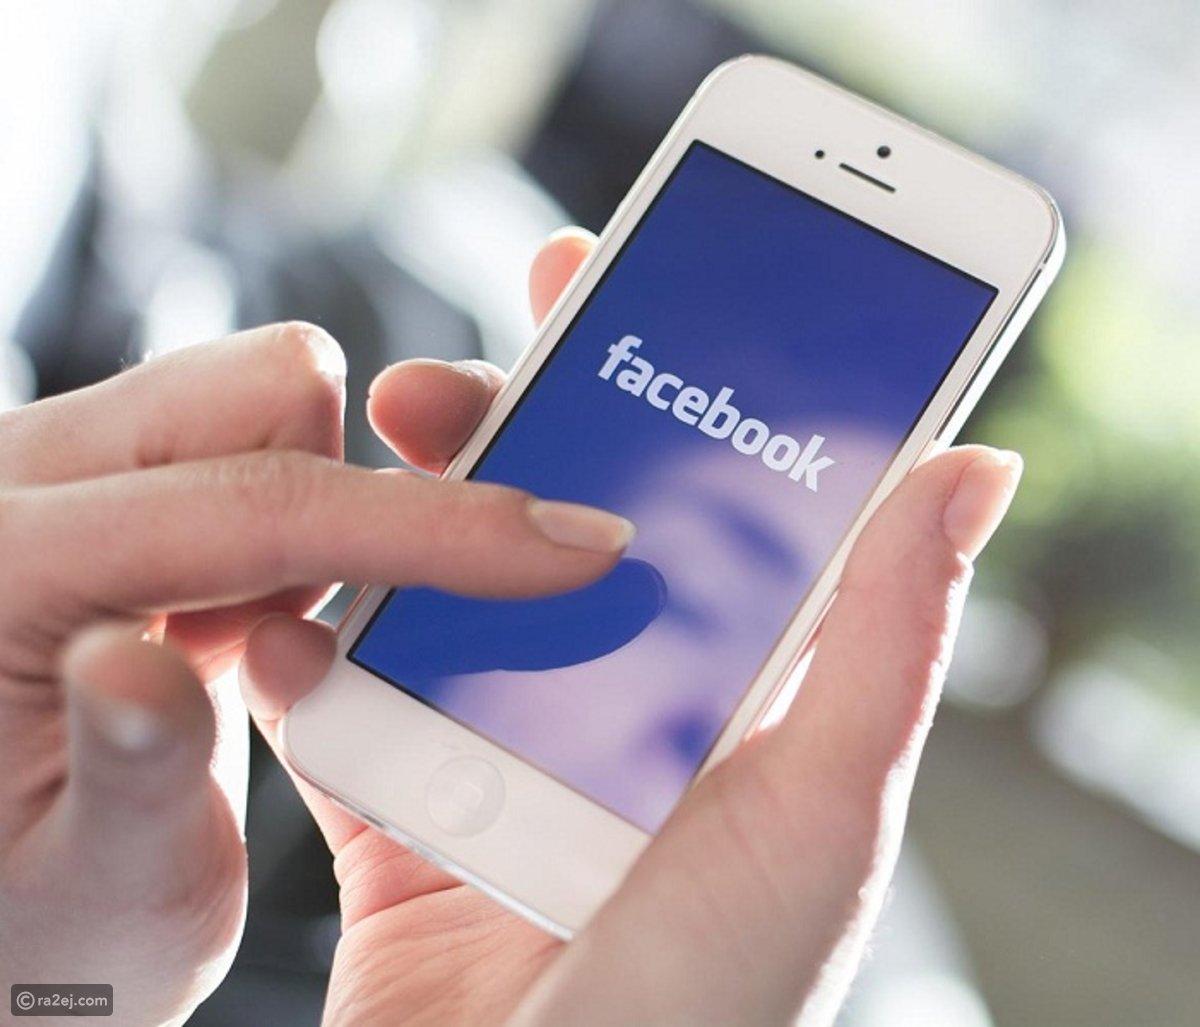 الرسائل الذاتية التدمير في فيسبوك ماسنجر